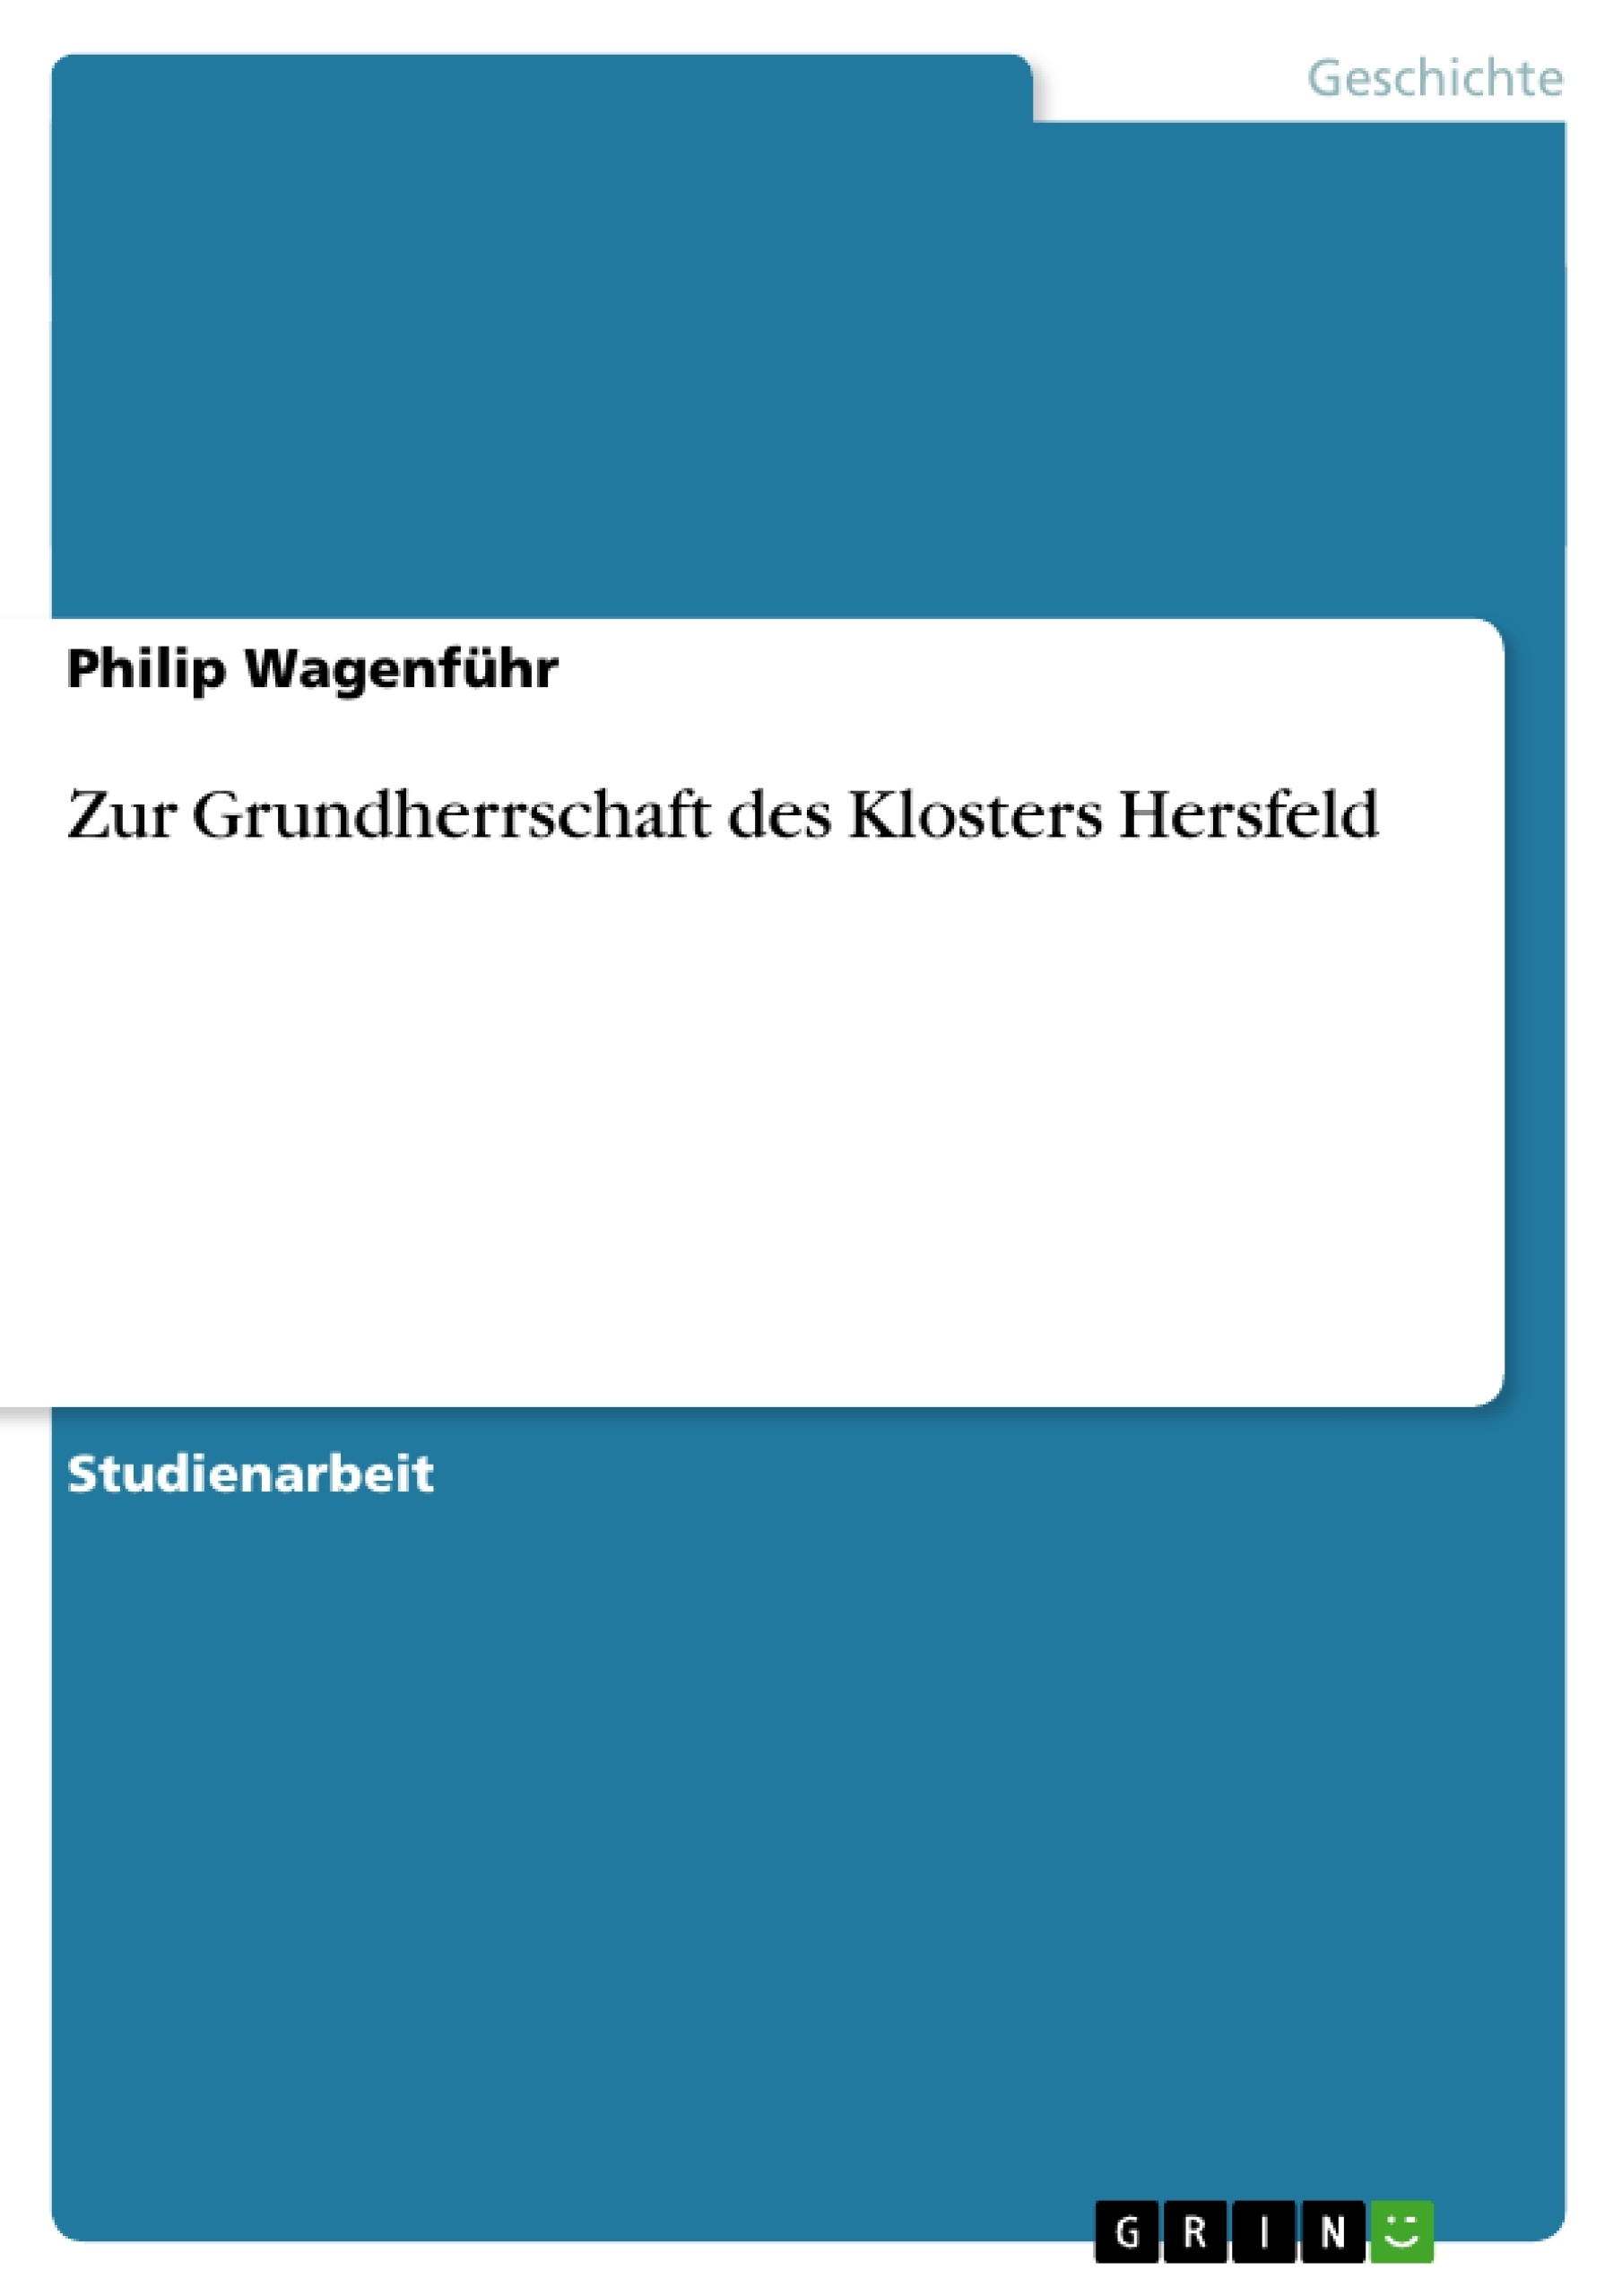 Titel: Zur Grundherrschaft des Klosters Hersfeld